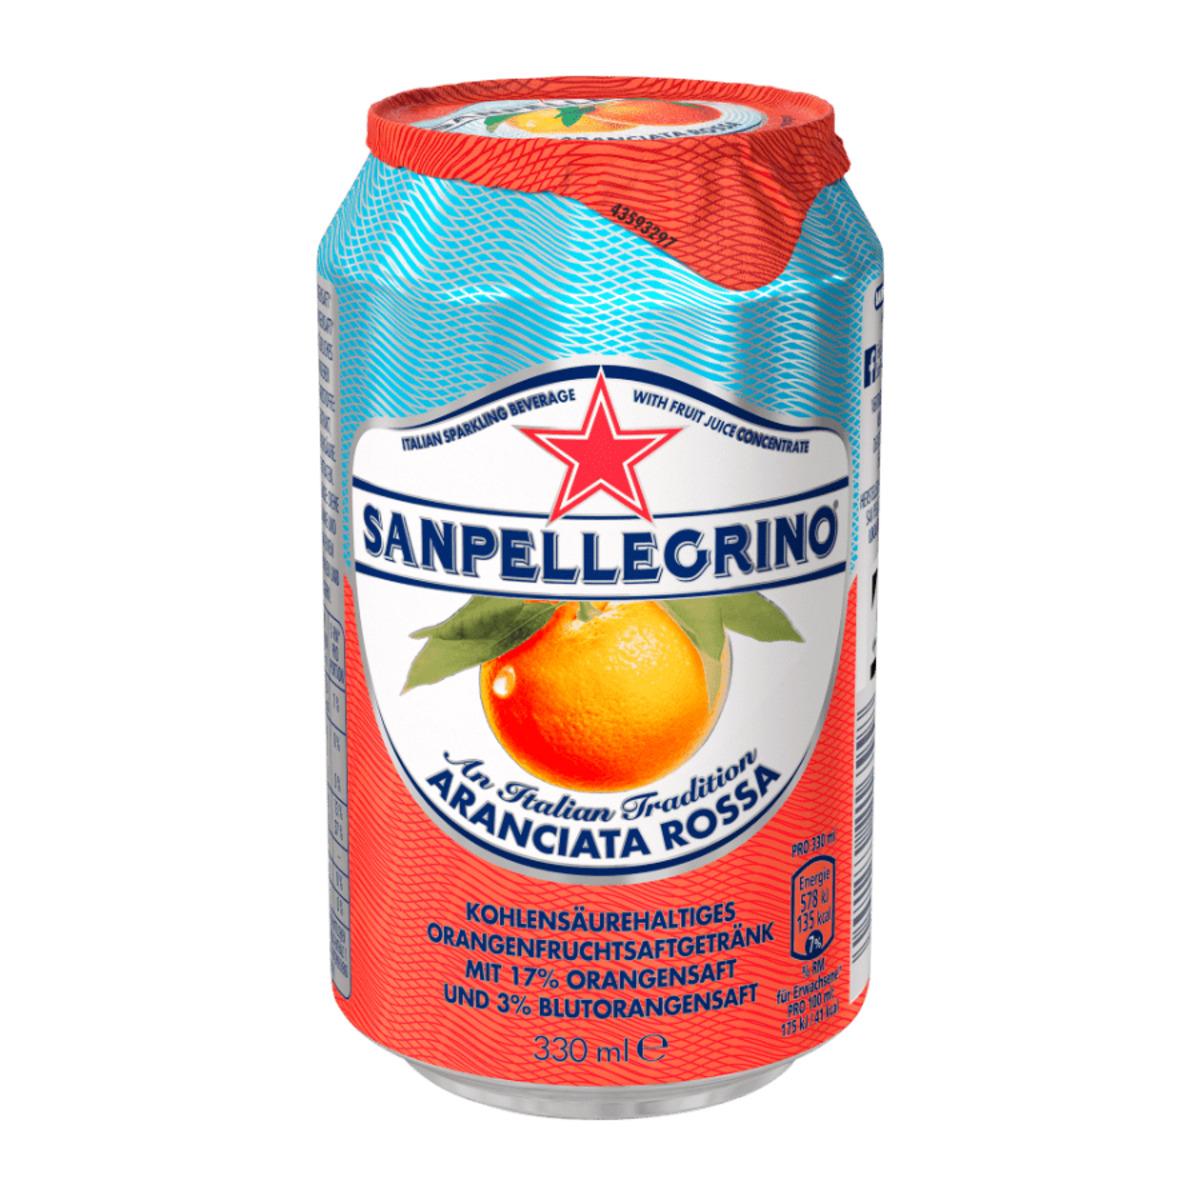 Bild 3 von Sanpellegrino